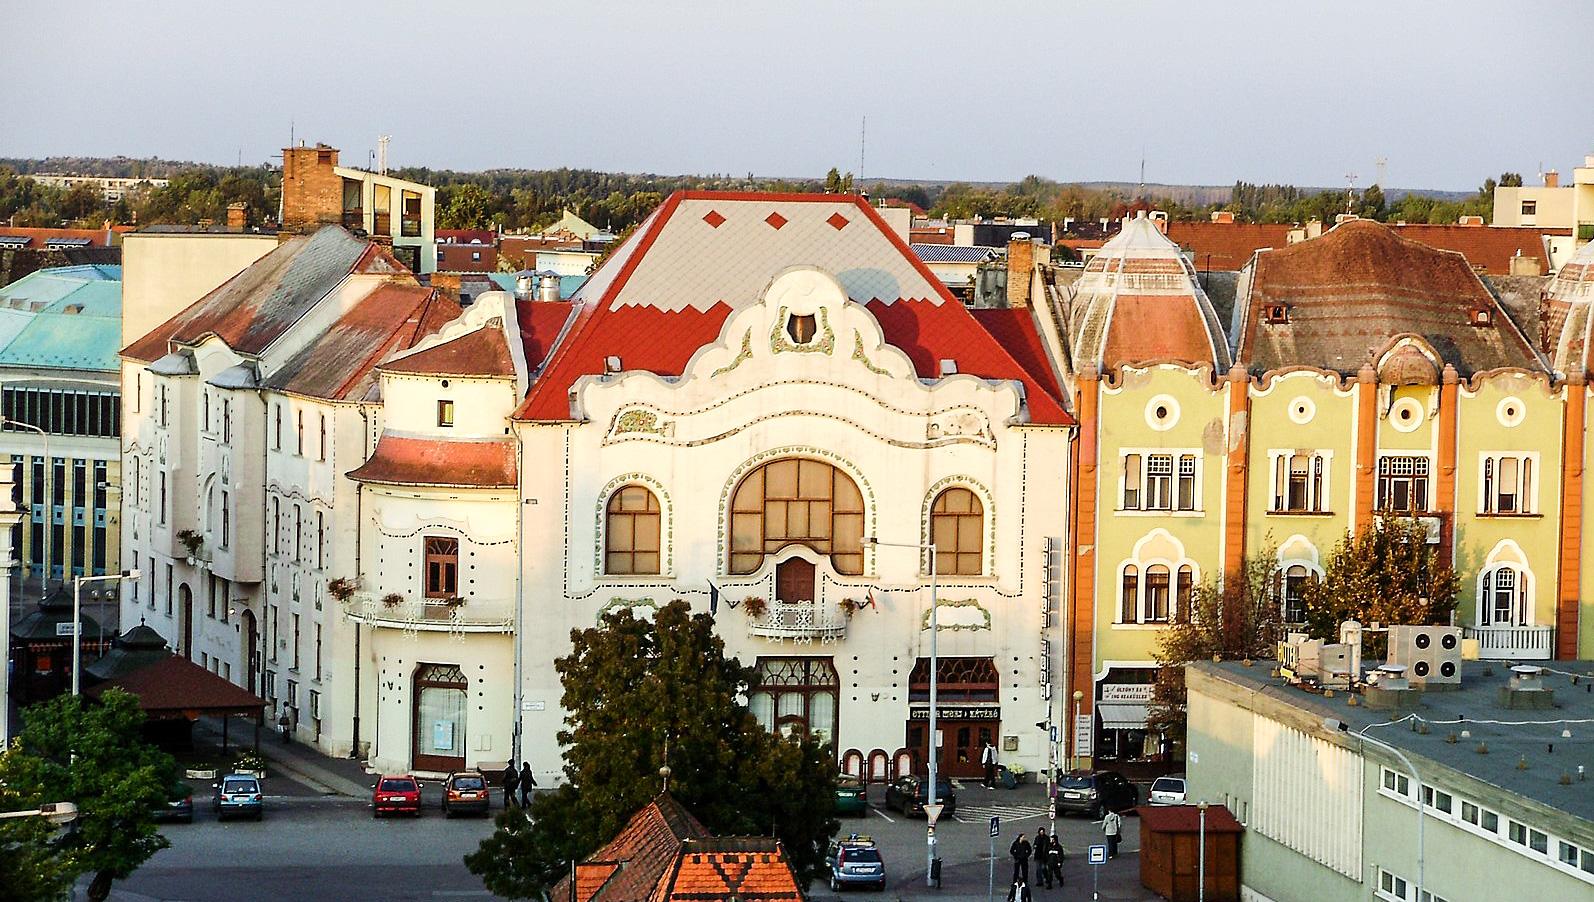 Kép: Wikipedia / Cséplő Gábor